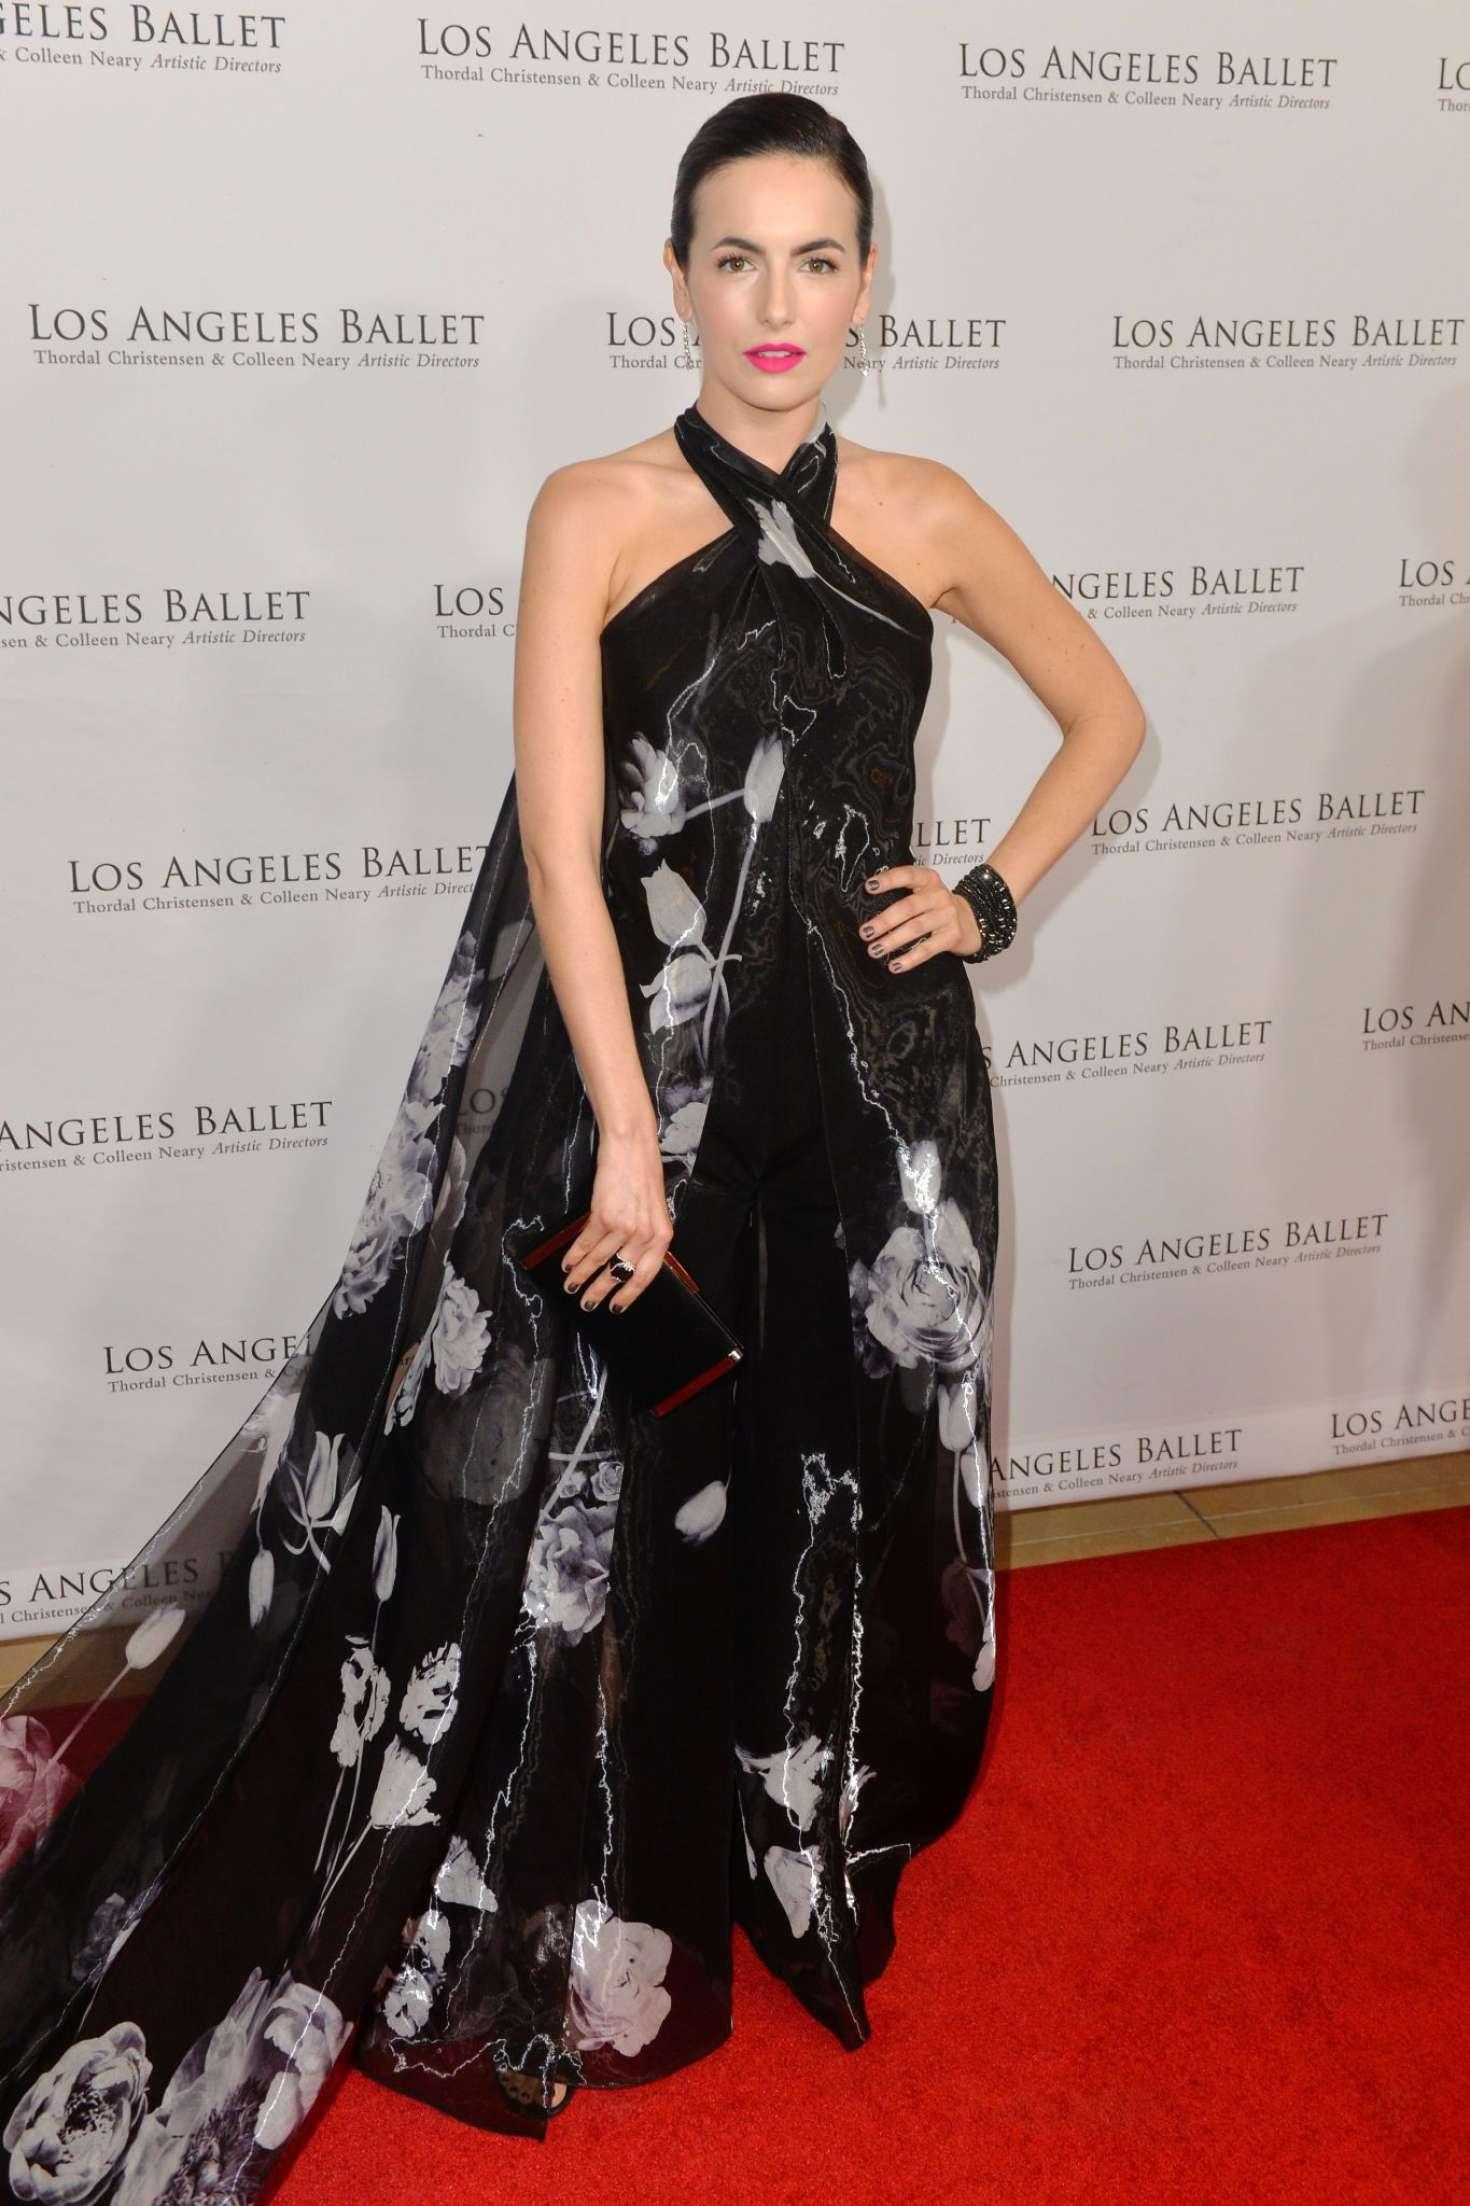 Camilla Belle 2019 : Camilla Belle: Los Angeles Ballets 2019 Gala -02